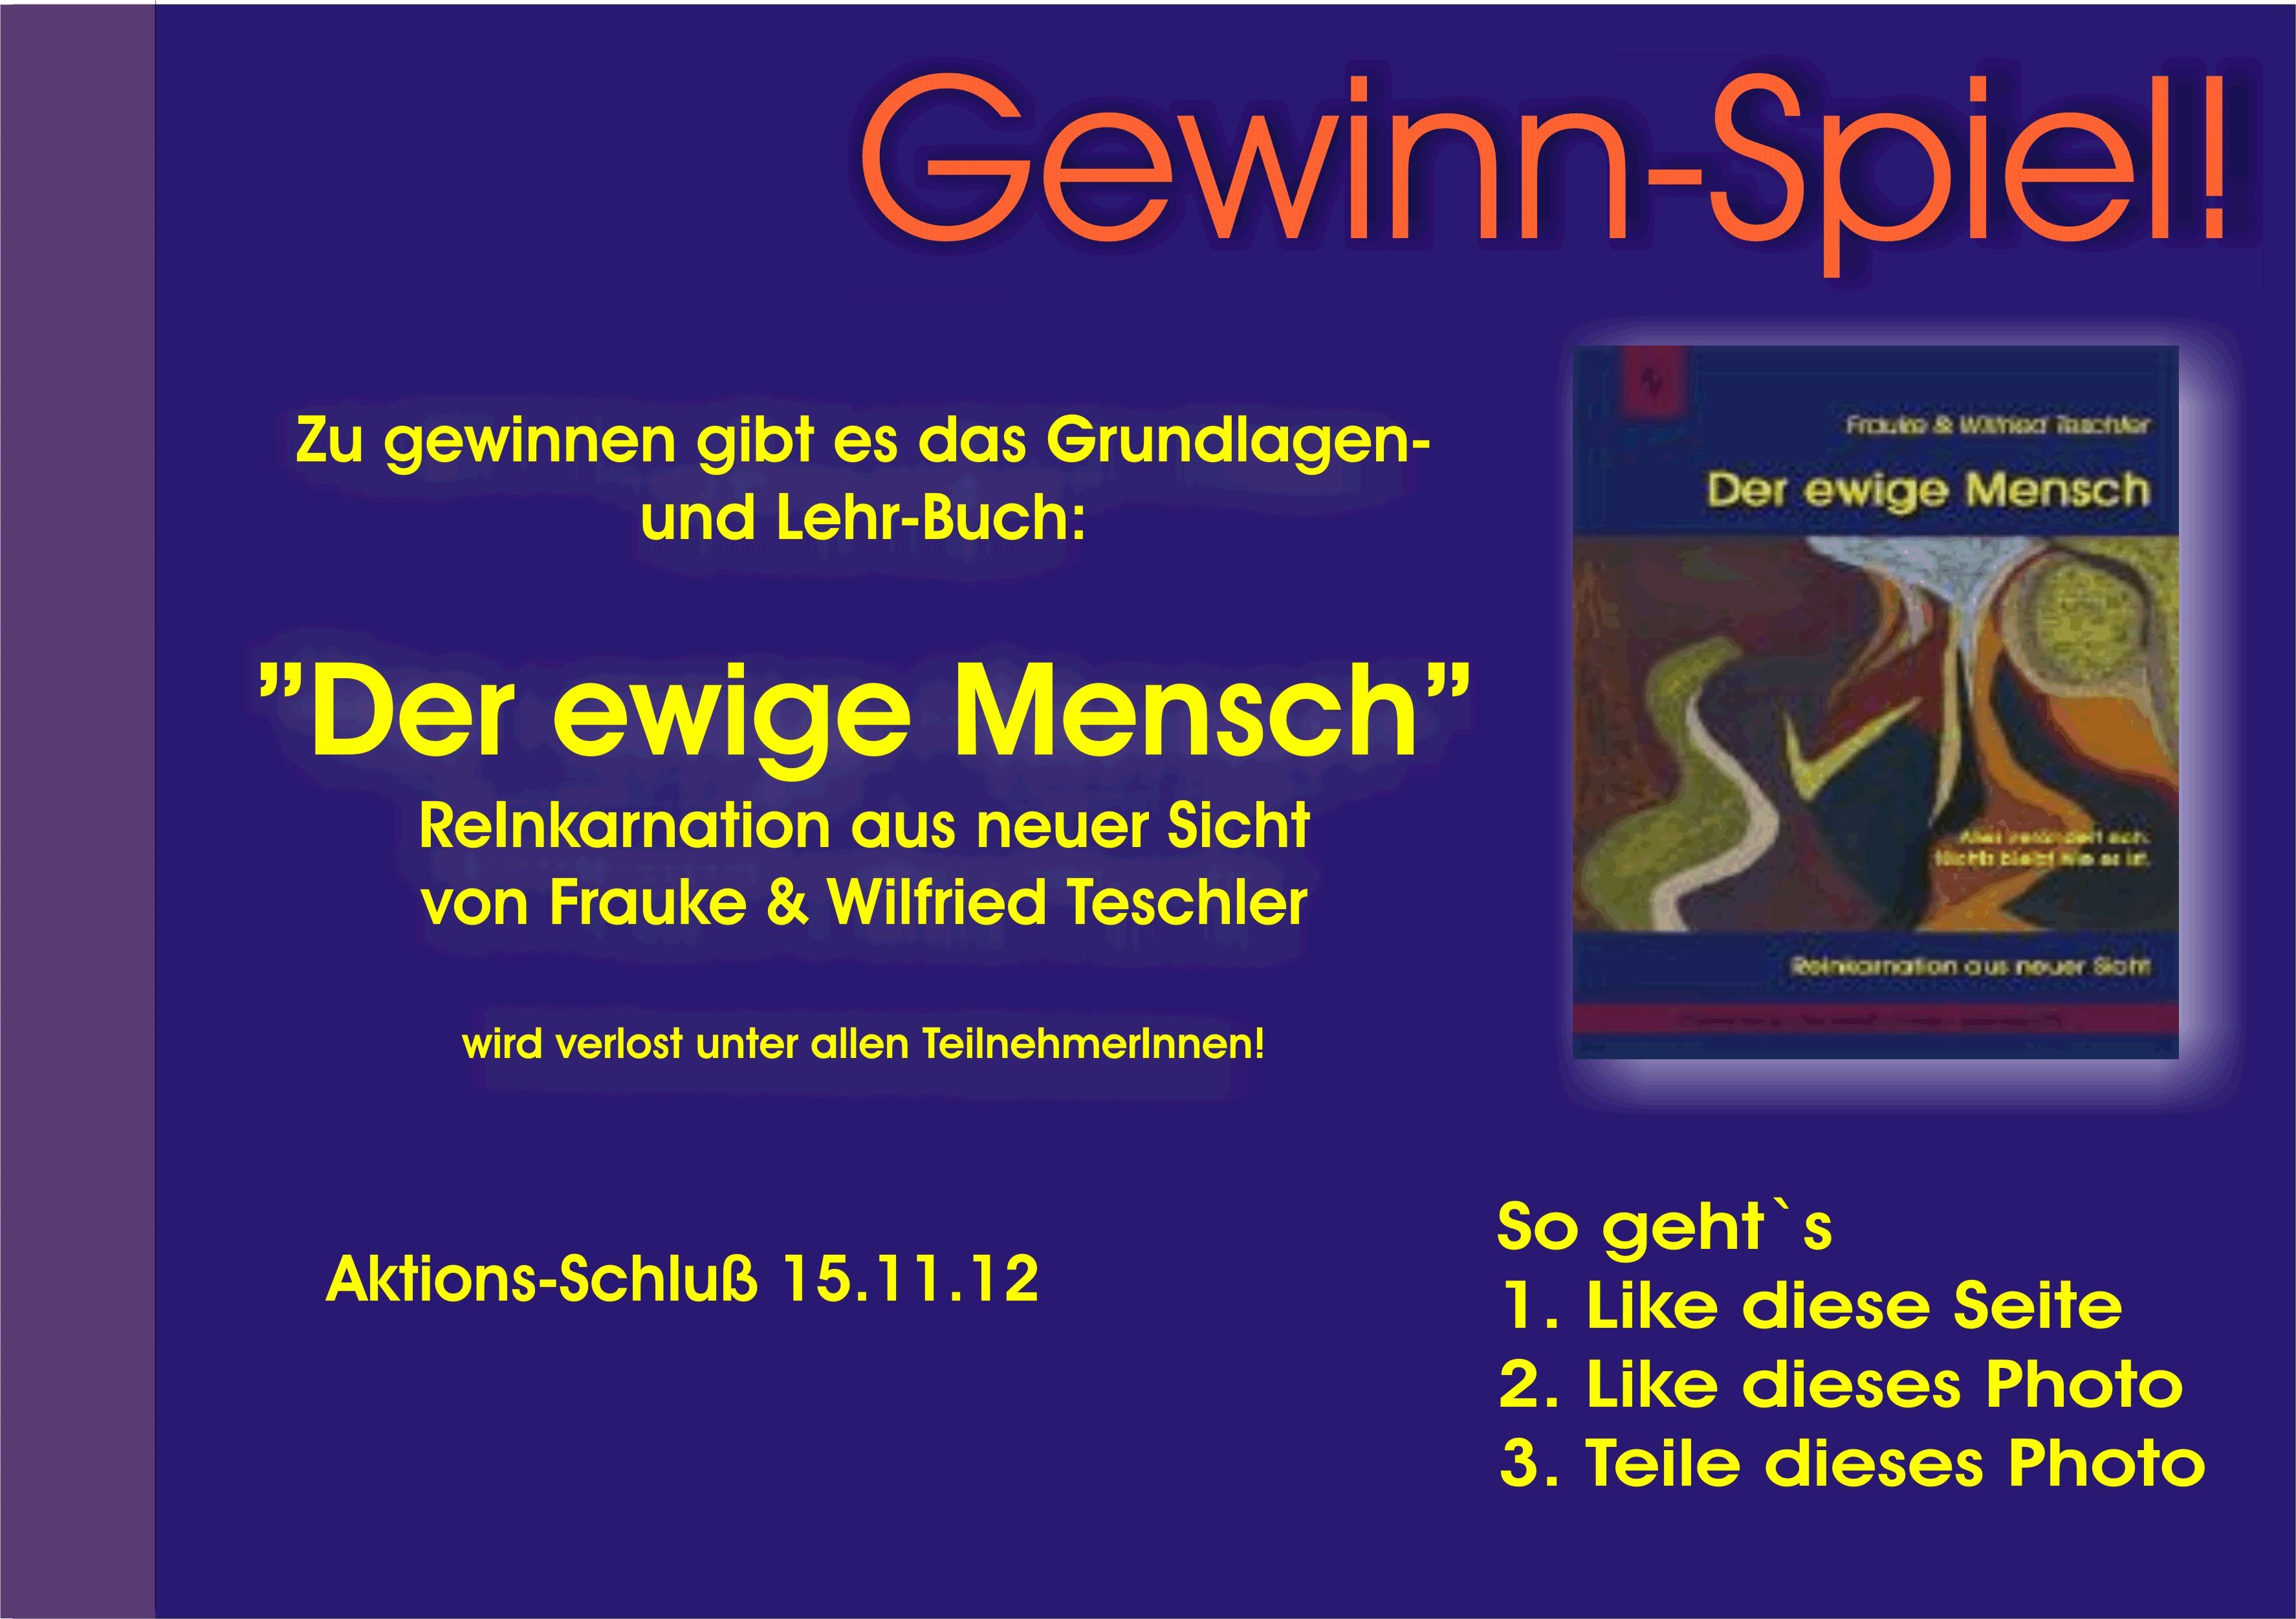 """Gewinne """"Der ewige Mensch"""" - ReInkarnation aus neuer Sicht"""